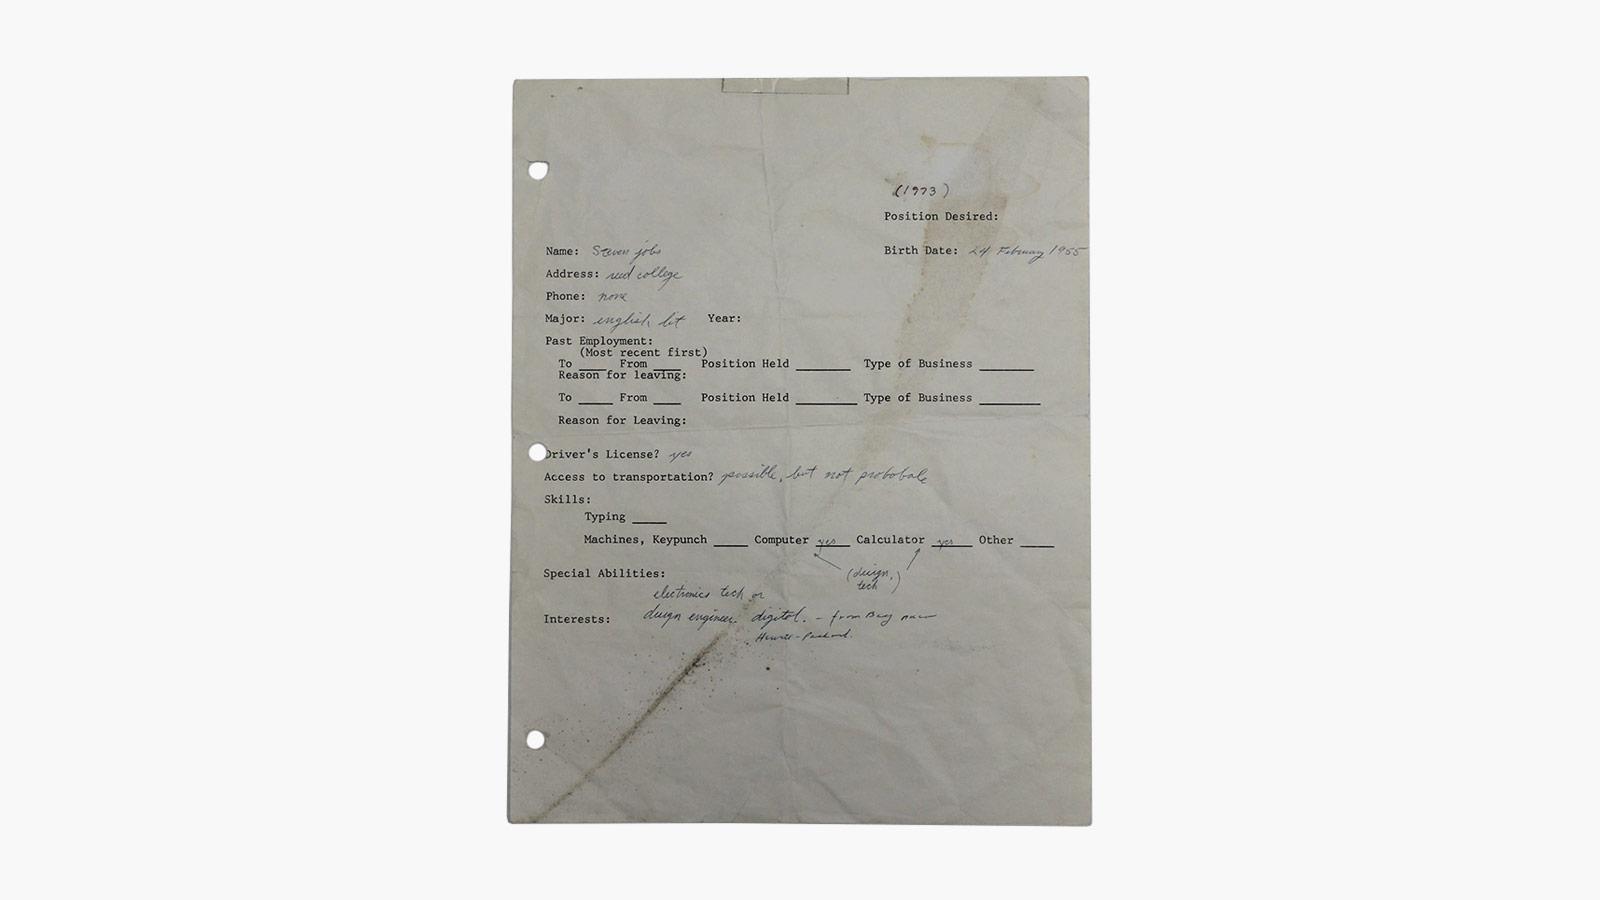 Steve Jobs Handwritten Job Application